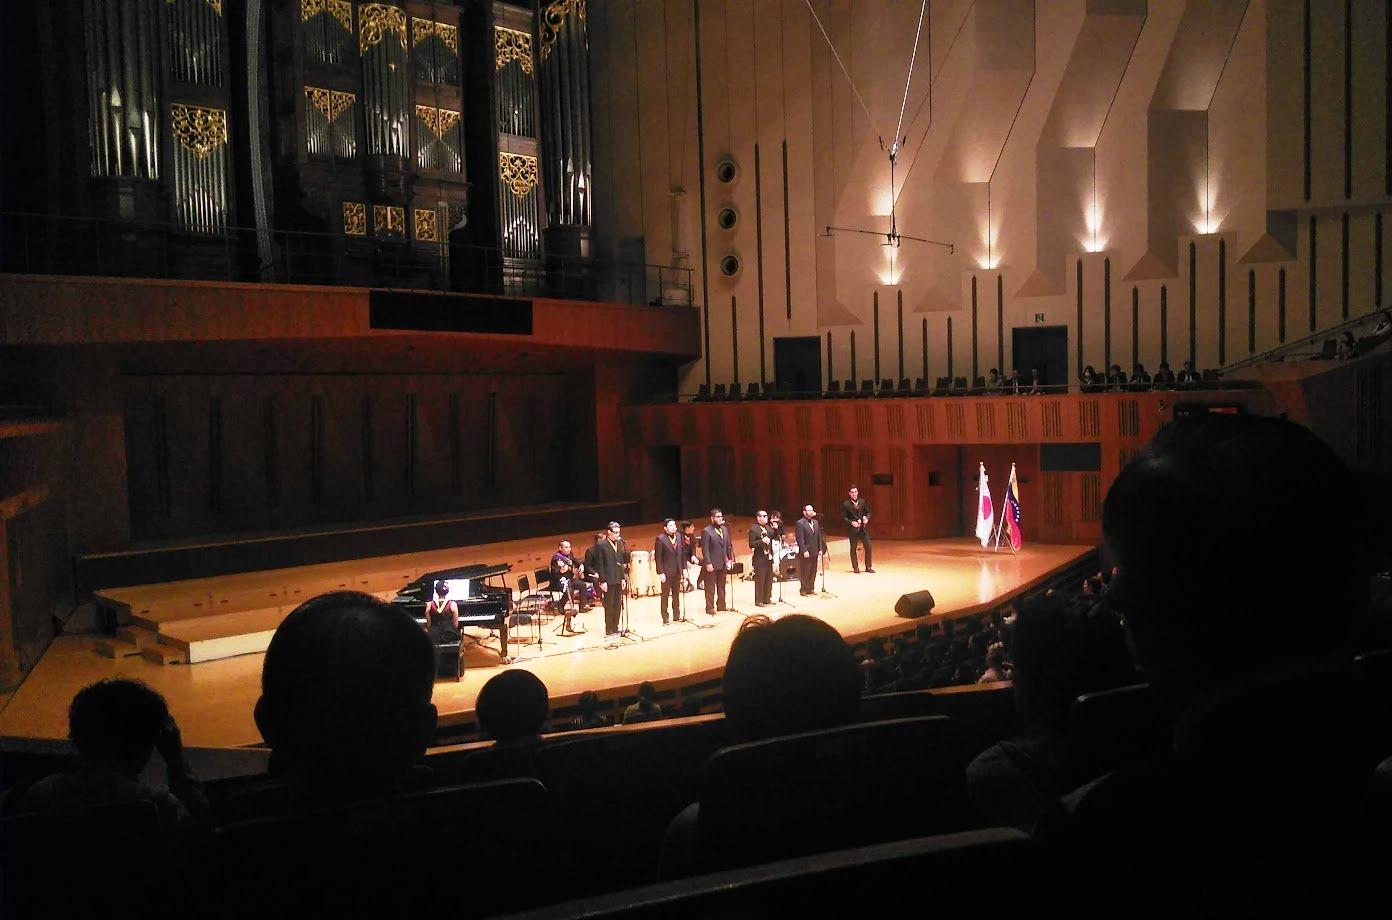 Concierto De Gala Tokio. 01.12.2018